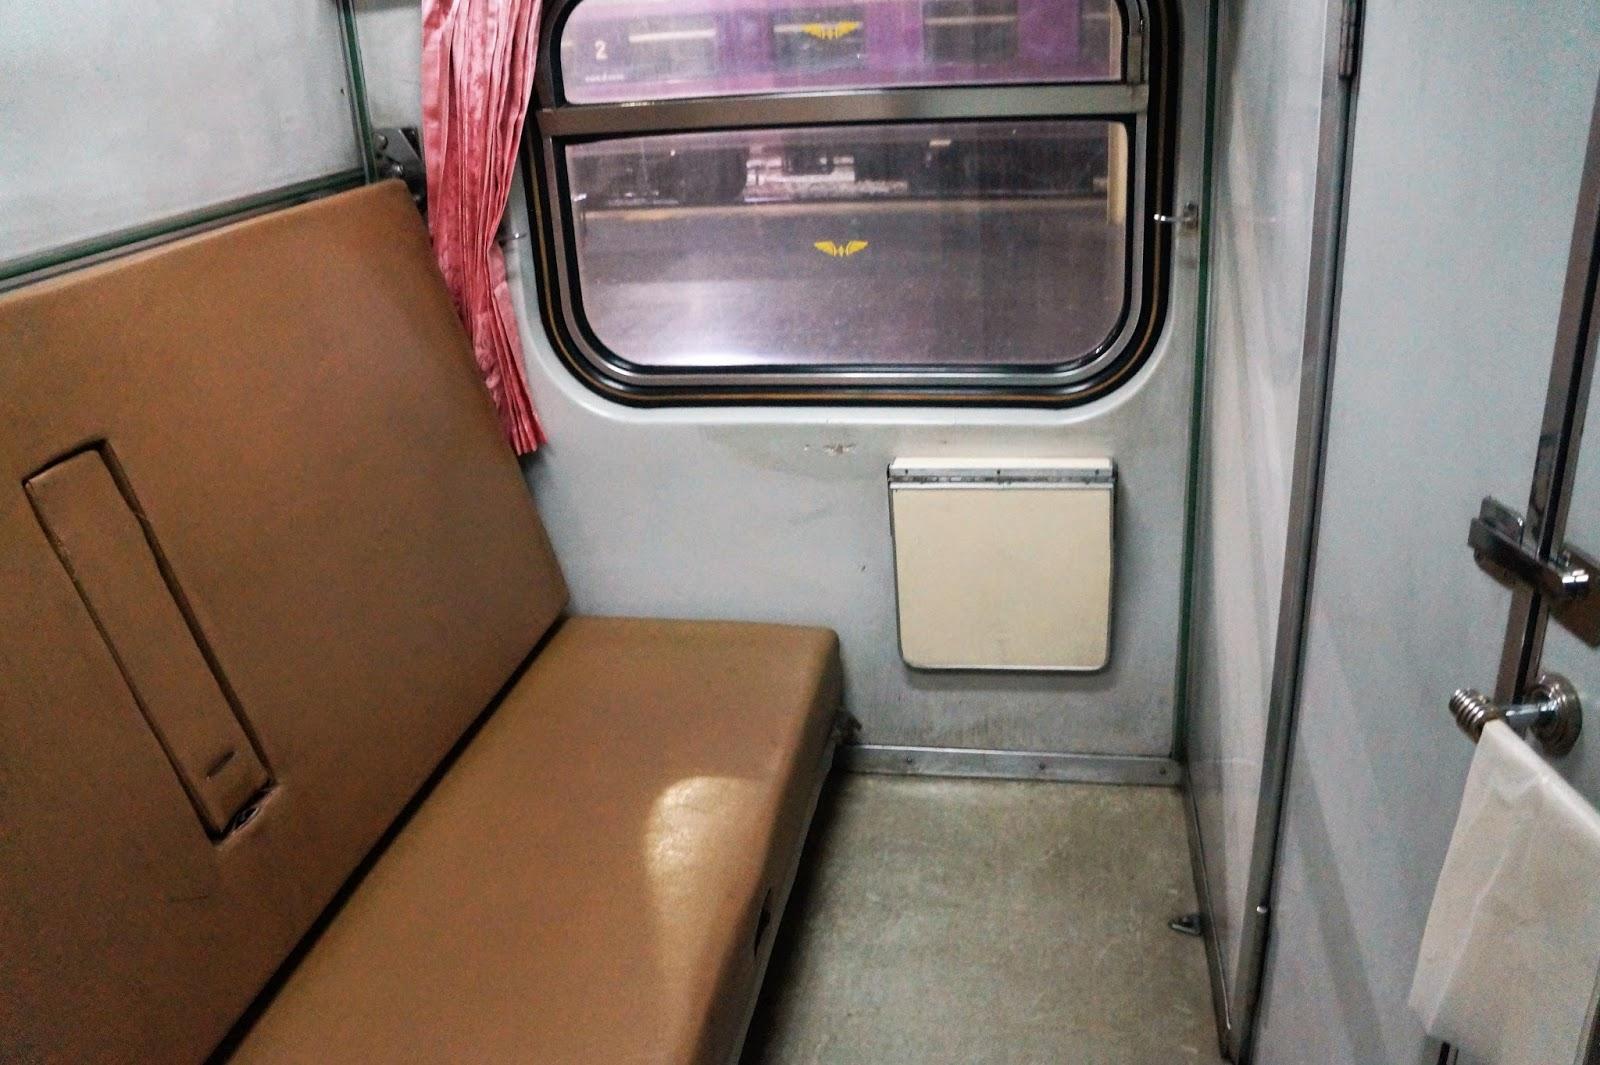 podróżowanie pociągiem po tajlandii, ceny pociągów w tajlandii